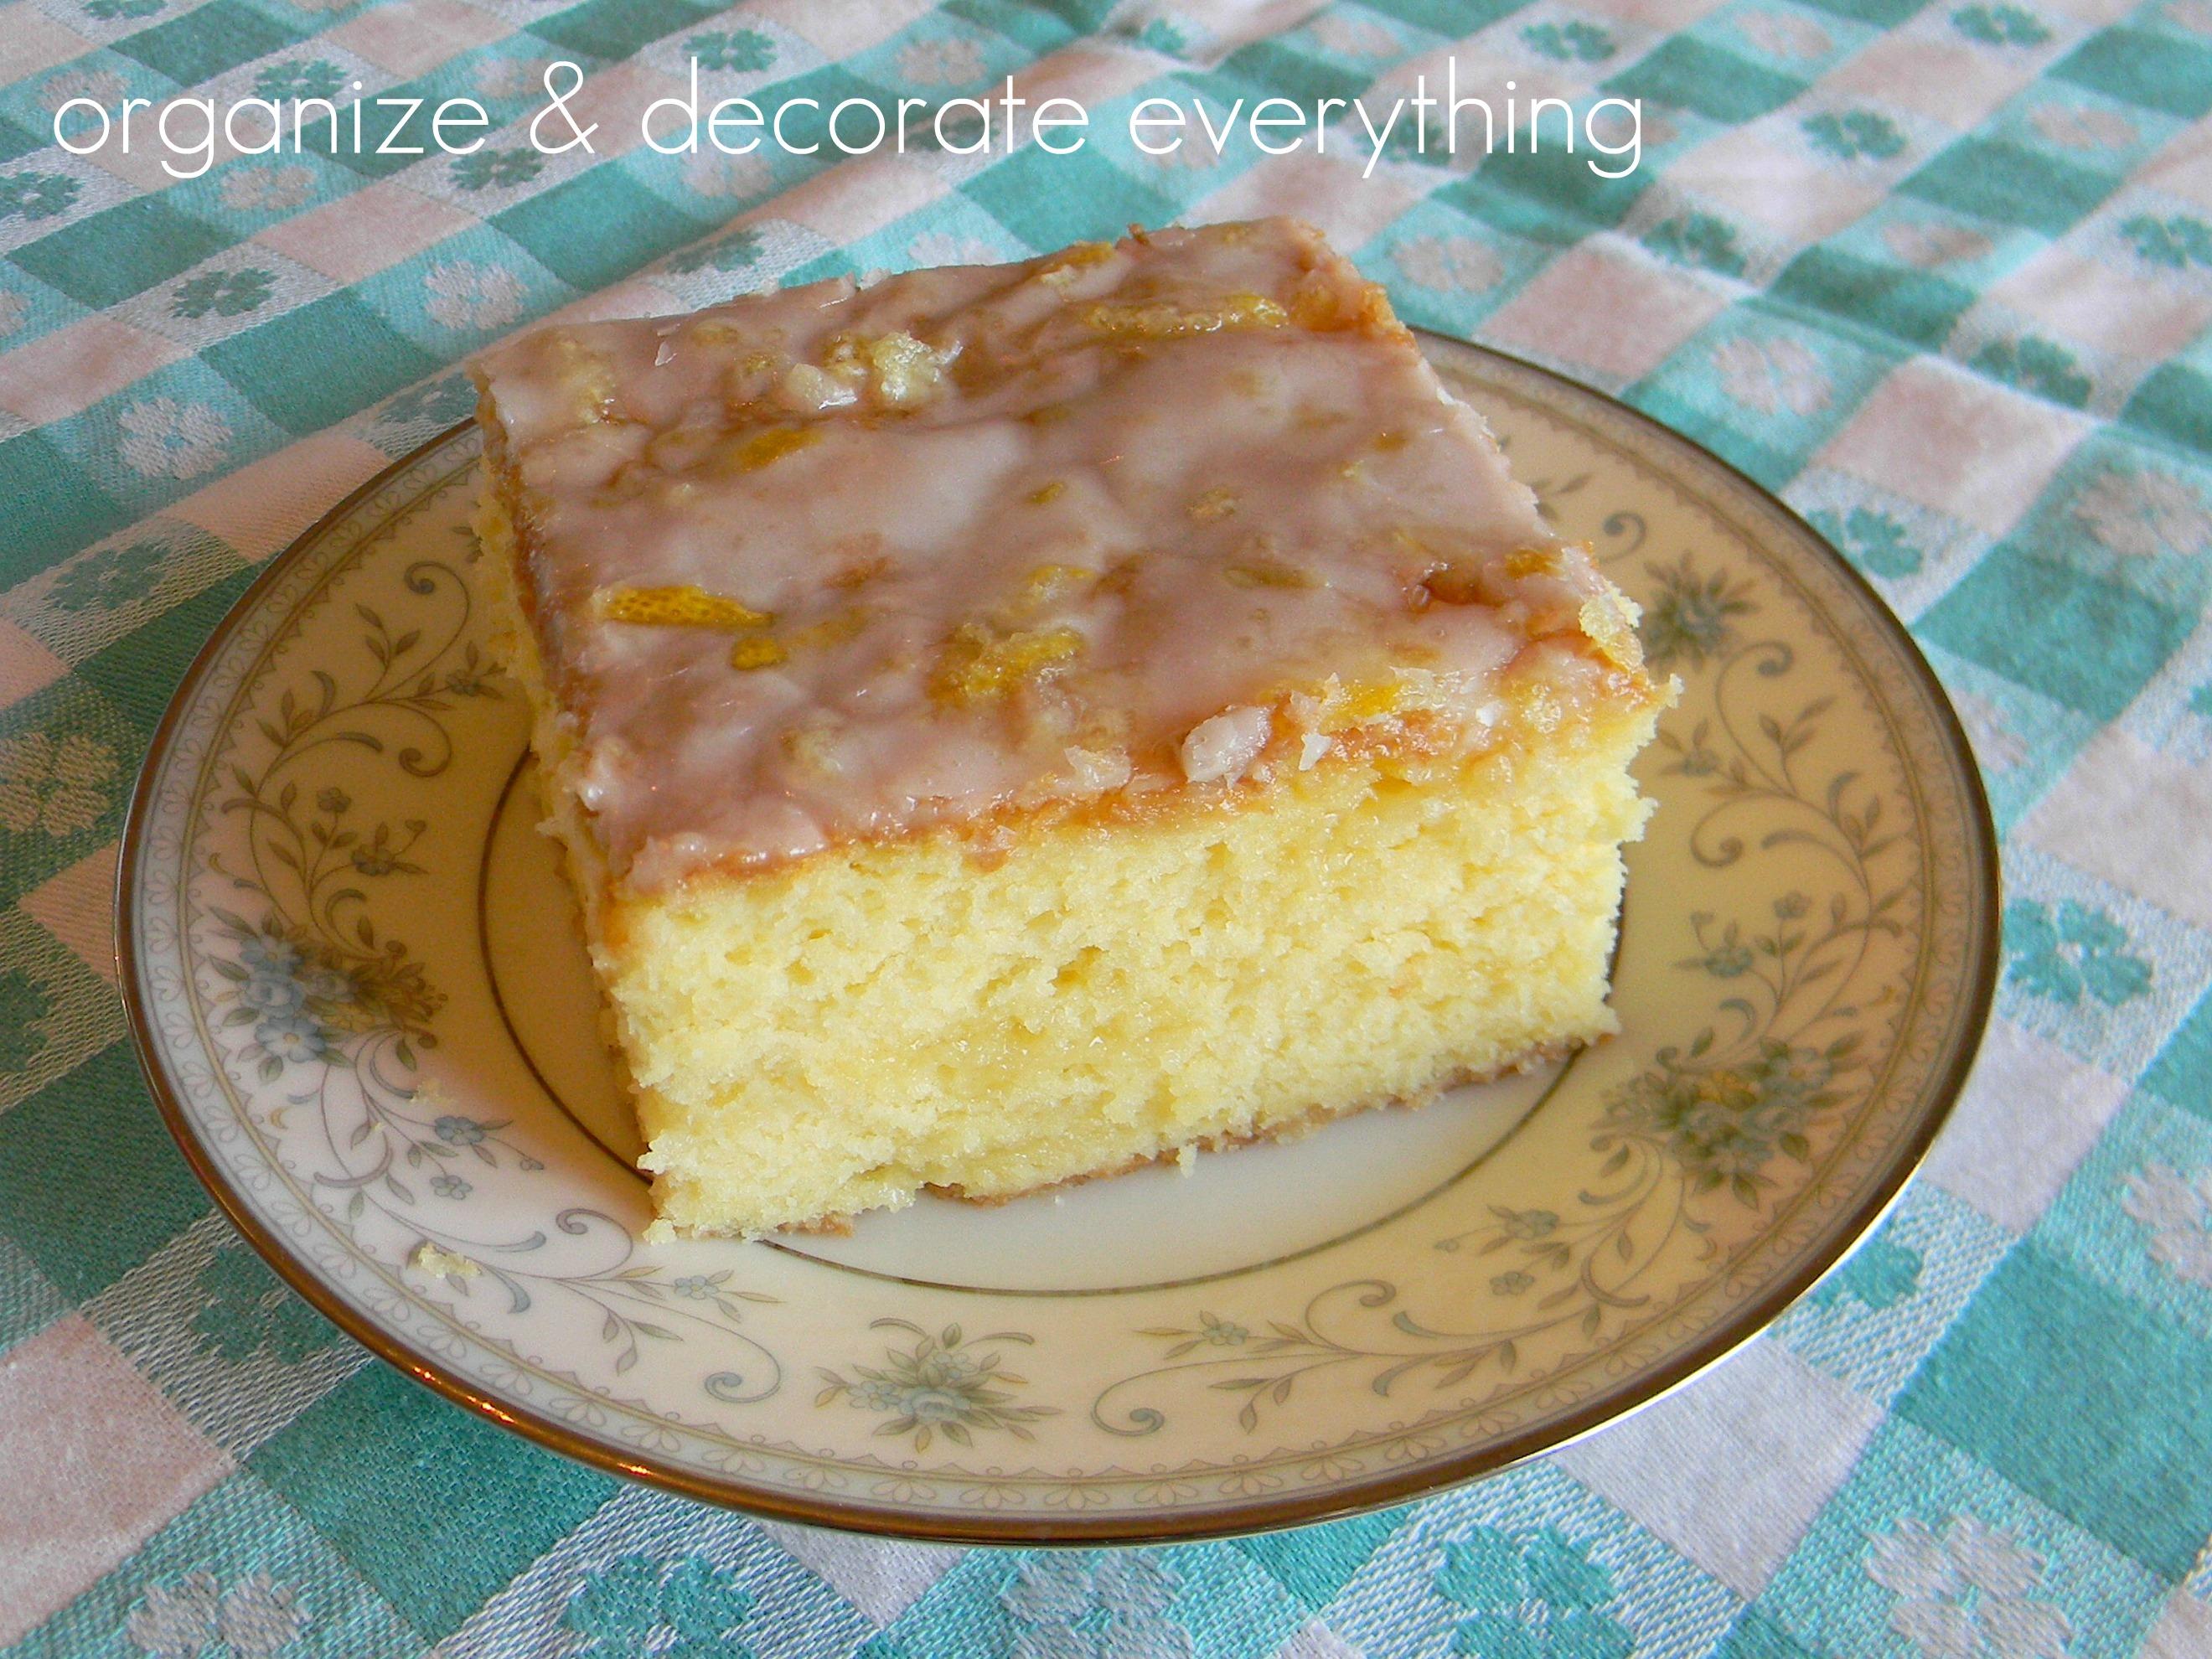 Lemon Glaze For Poke Cake